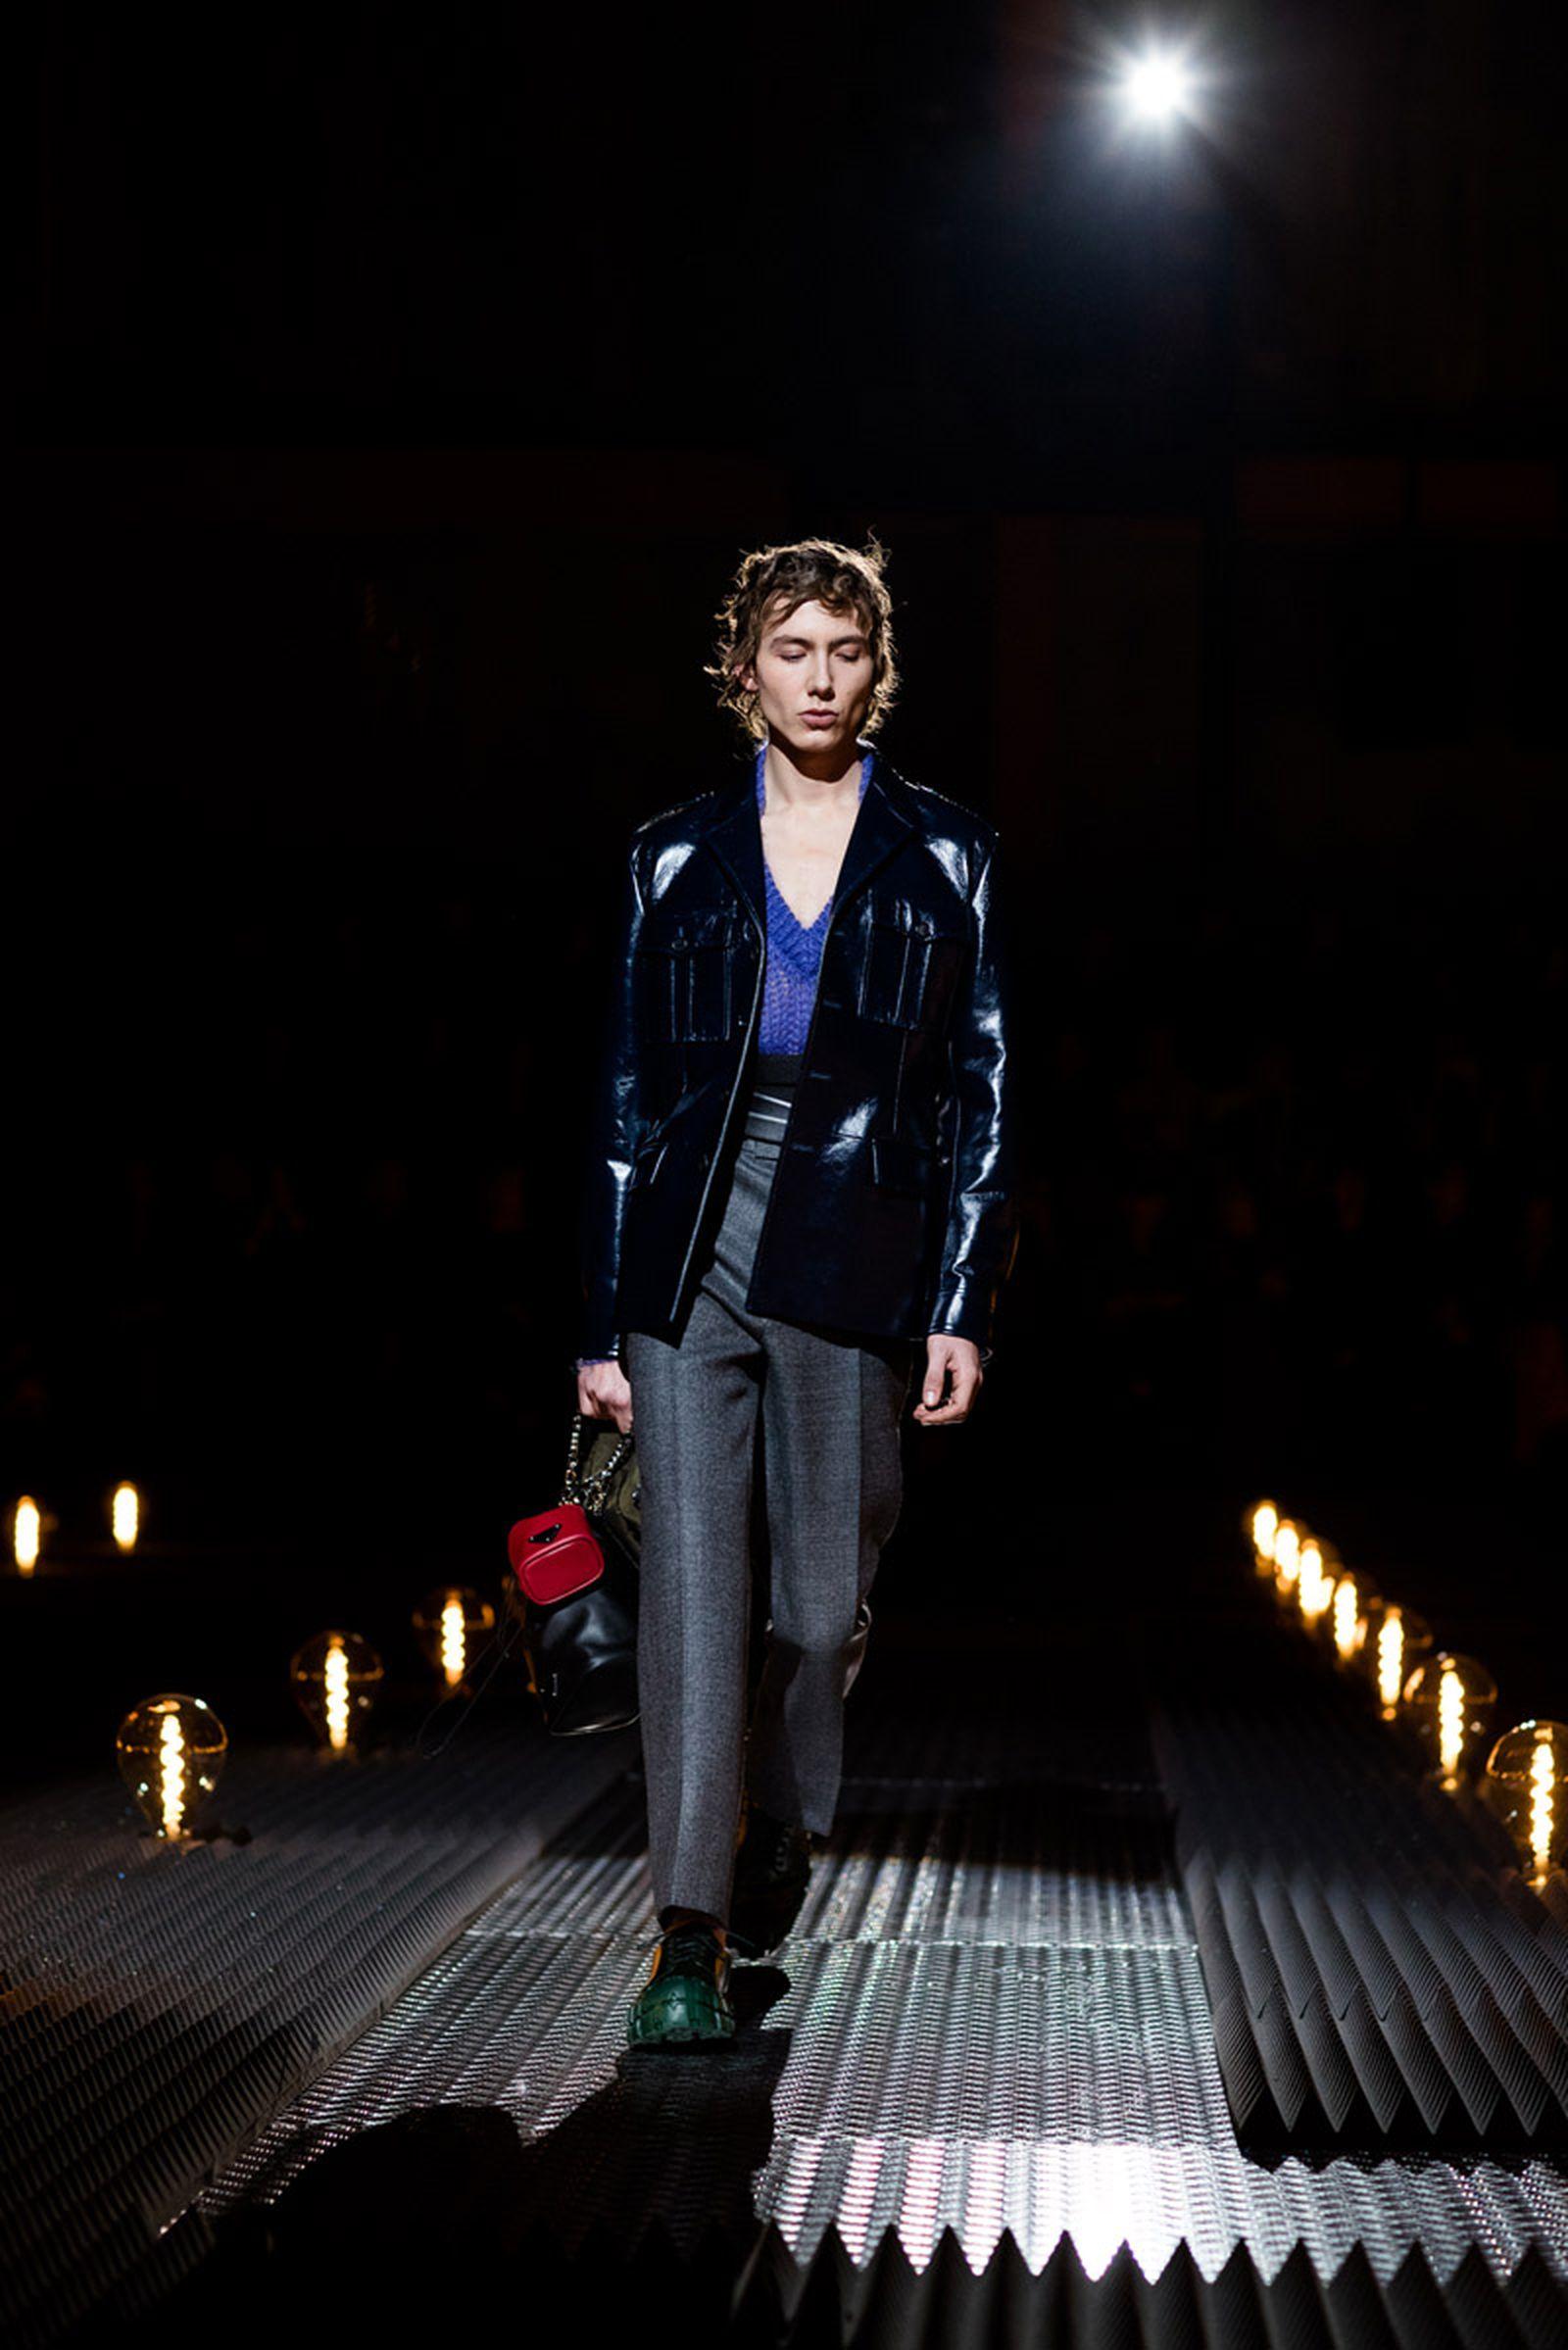 5prada fw19 milan fashion week rumway runway